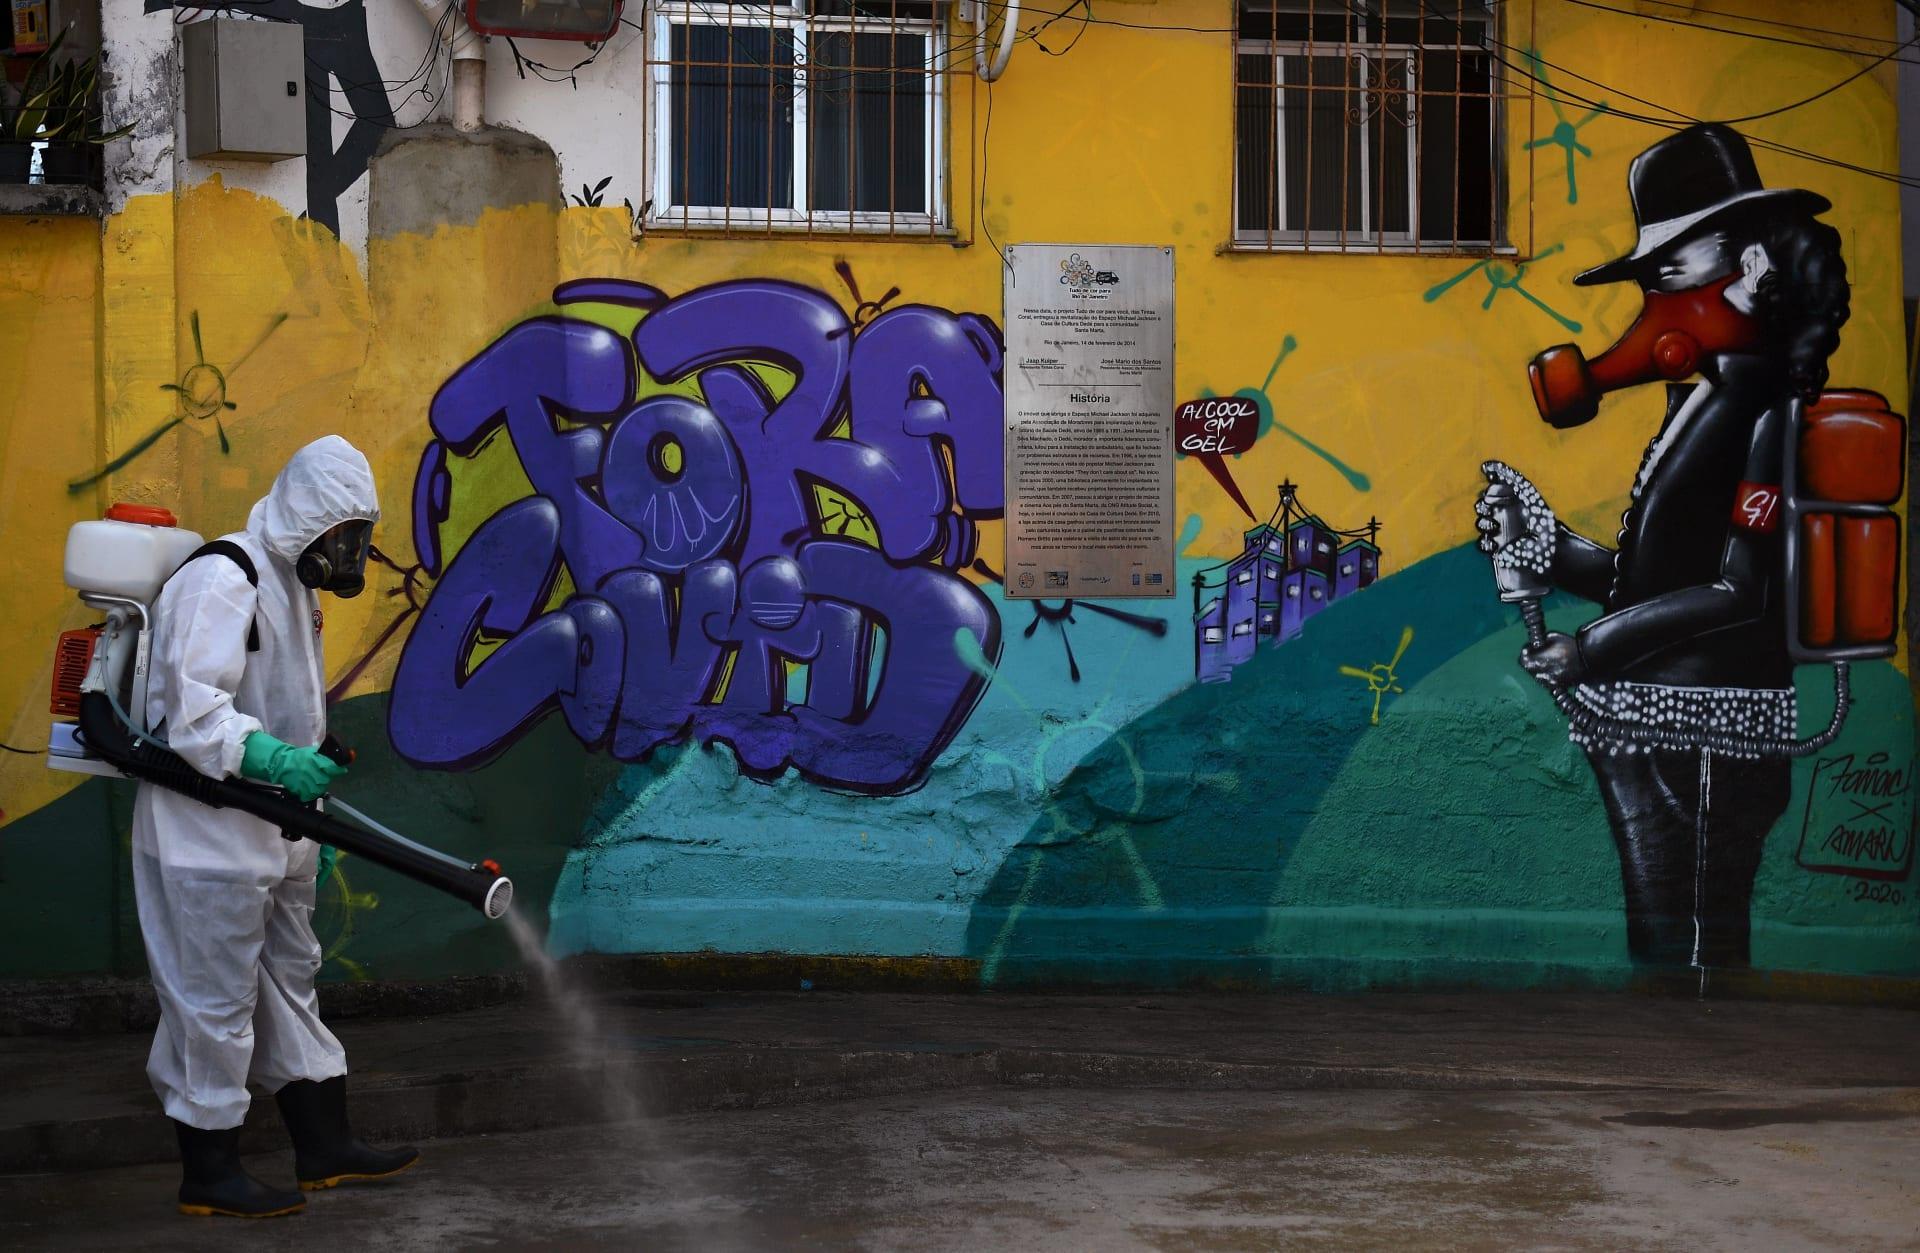 وفيات كورونا في البرازيل تتخطى 94 ألف وفاة.. وإجمالي أمريكا اللاتينية 200 ألف حالة